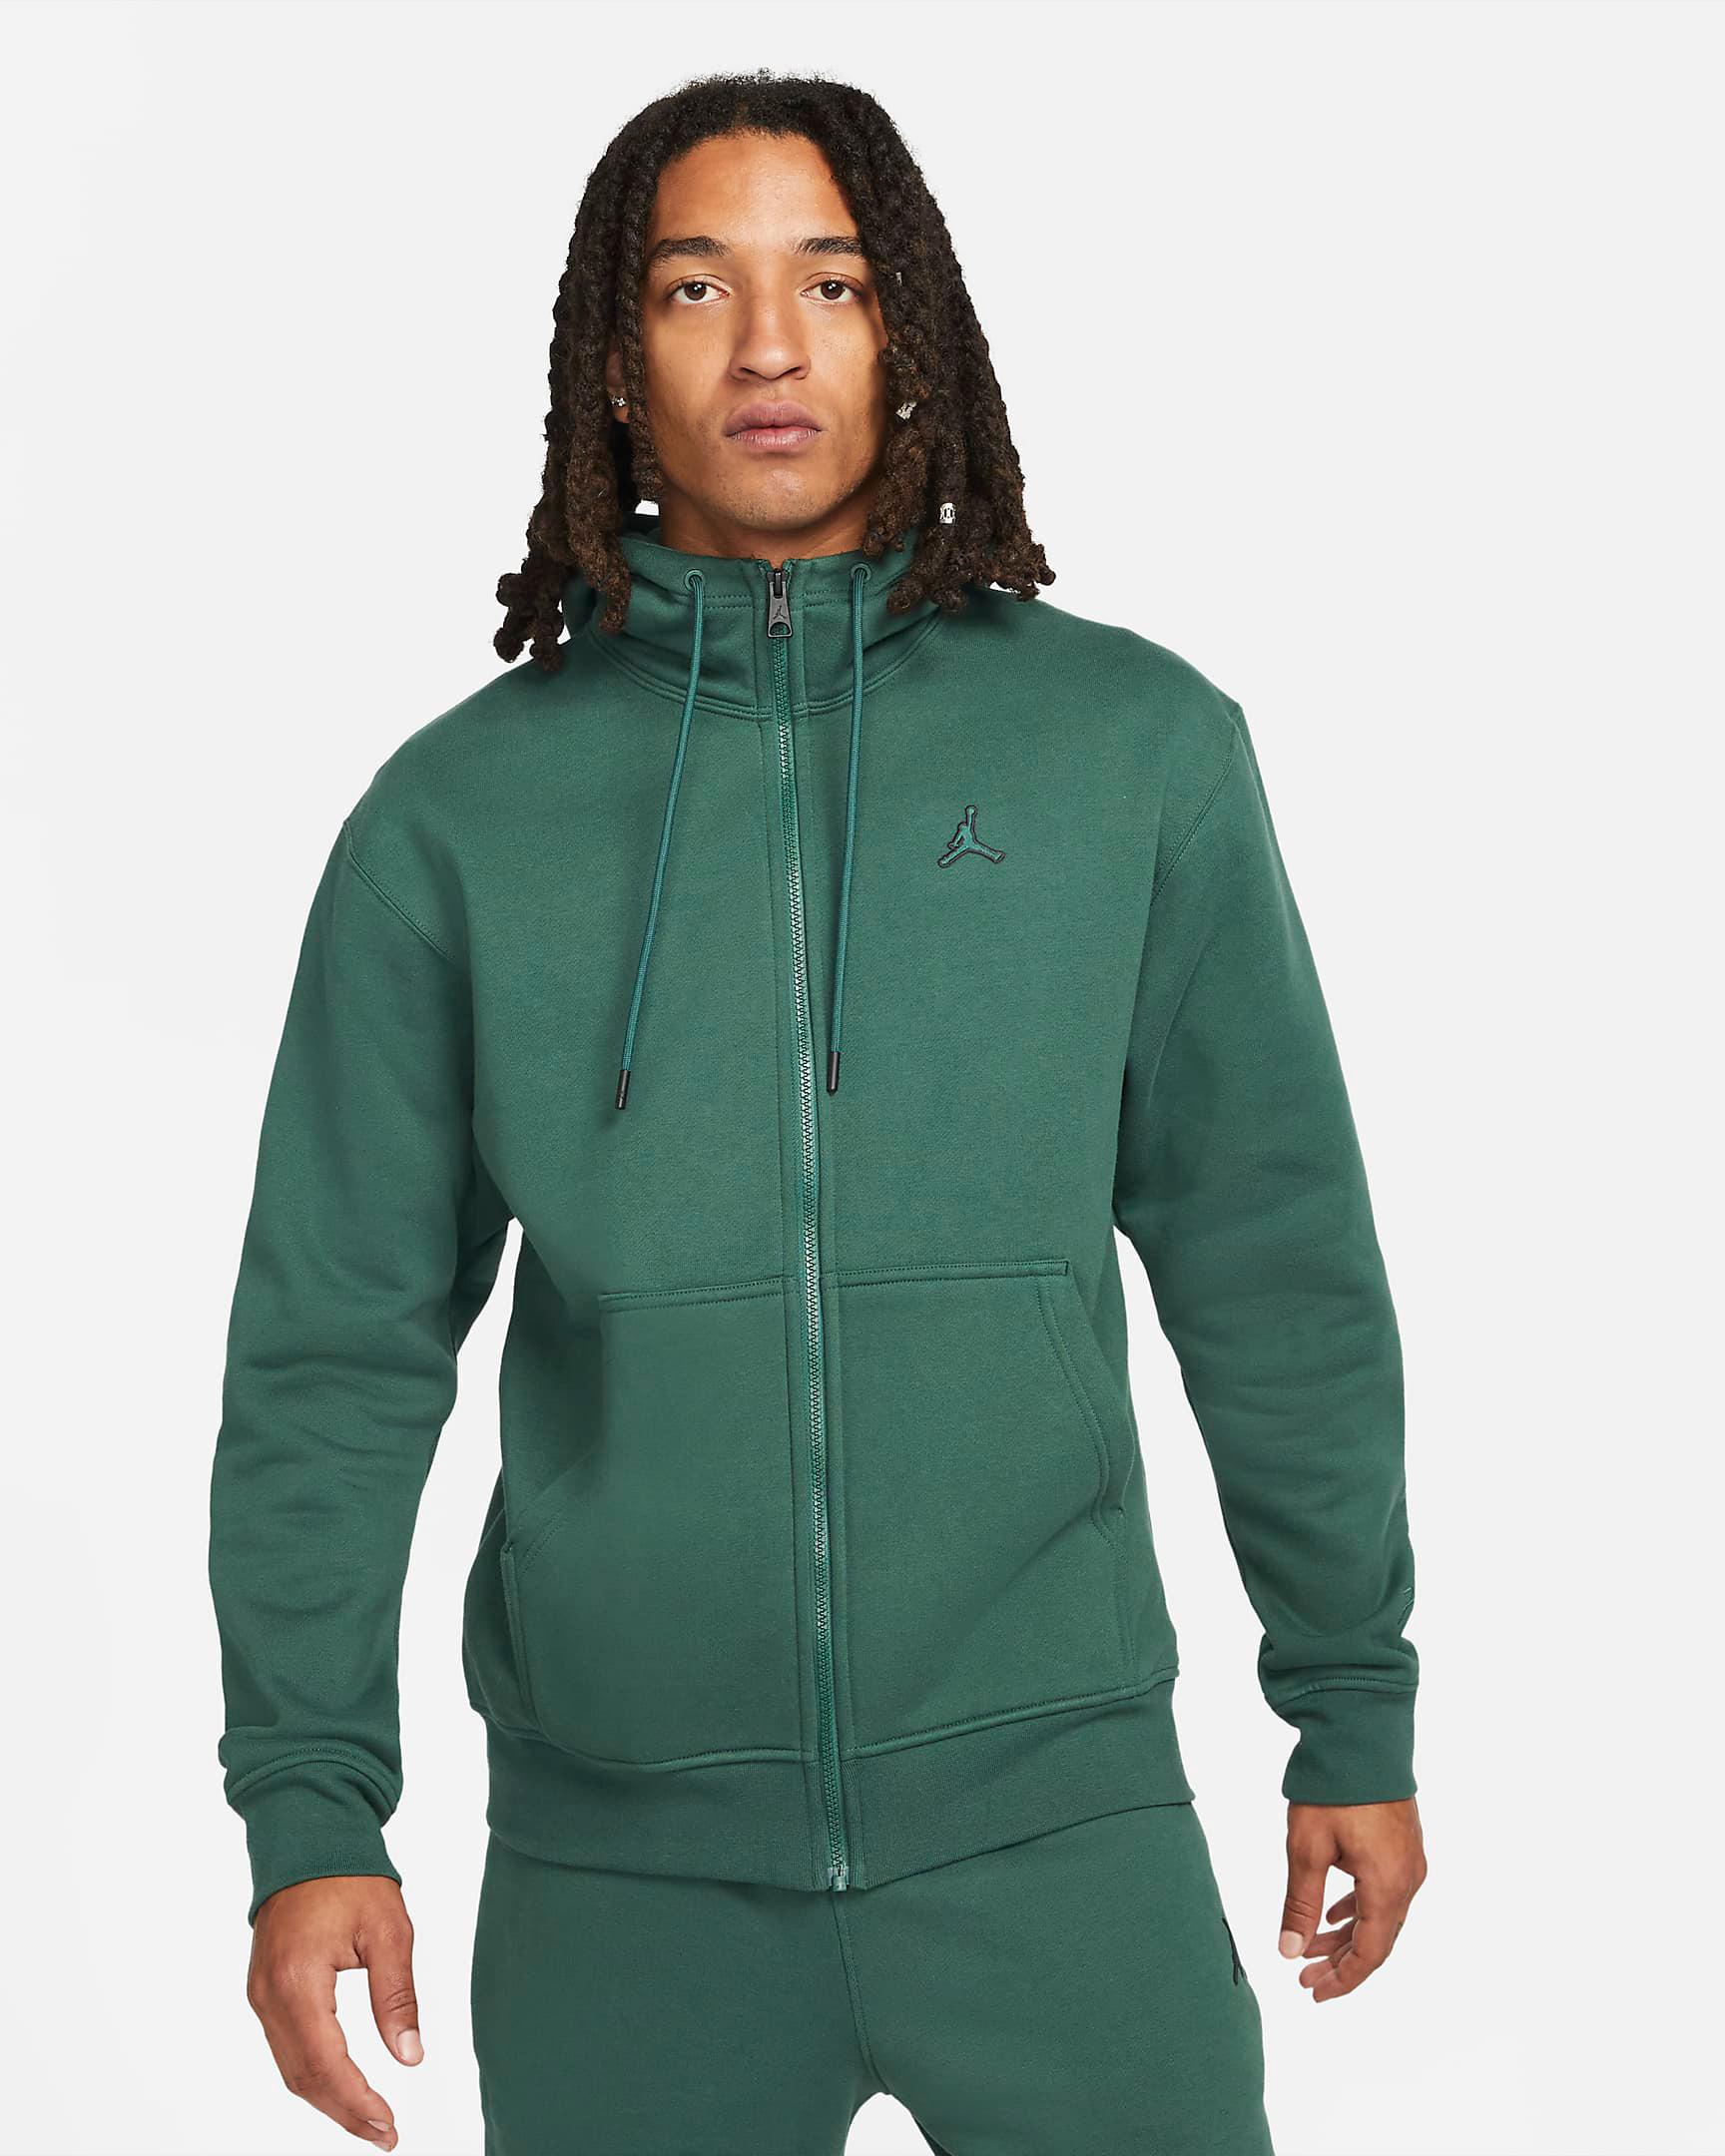 jordan-noble-green-statement-hoodie-1